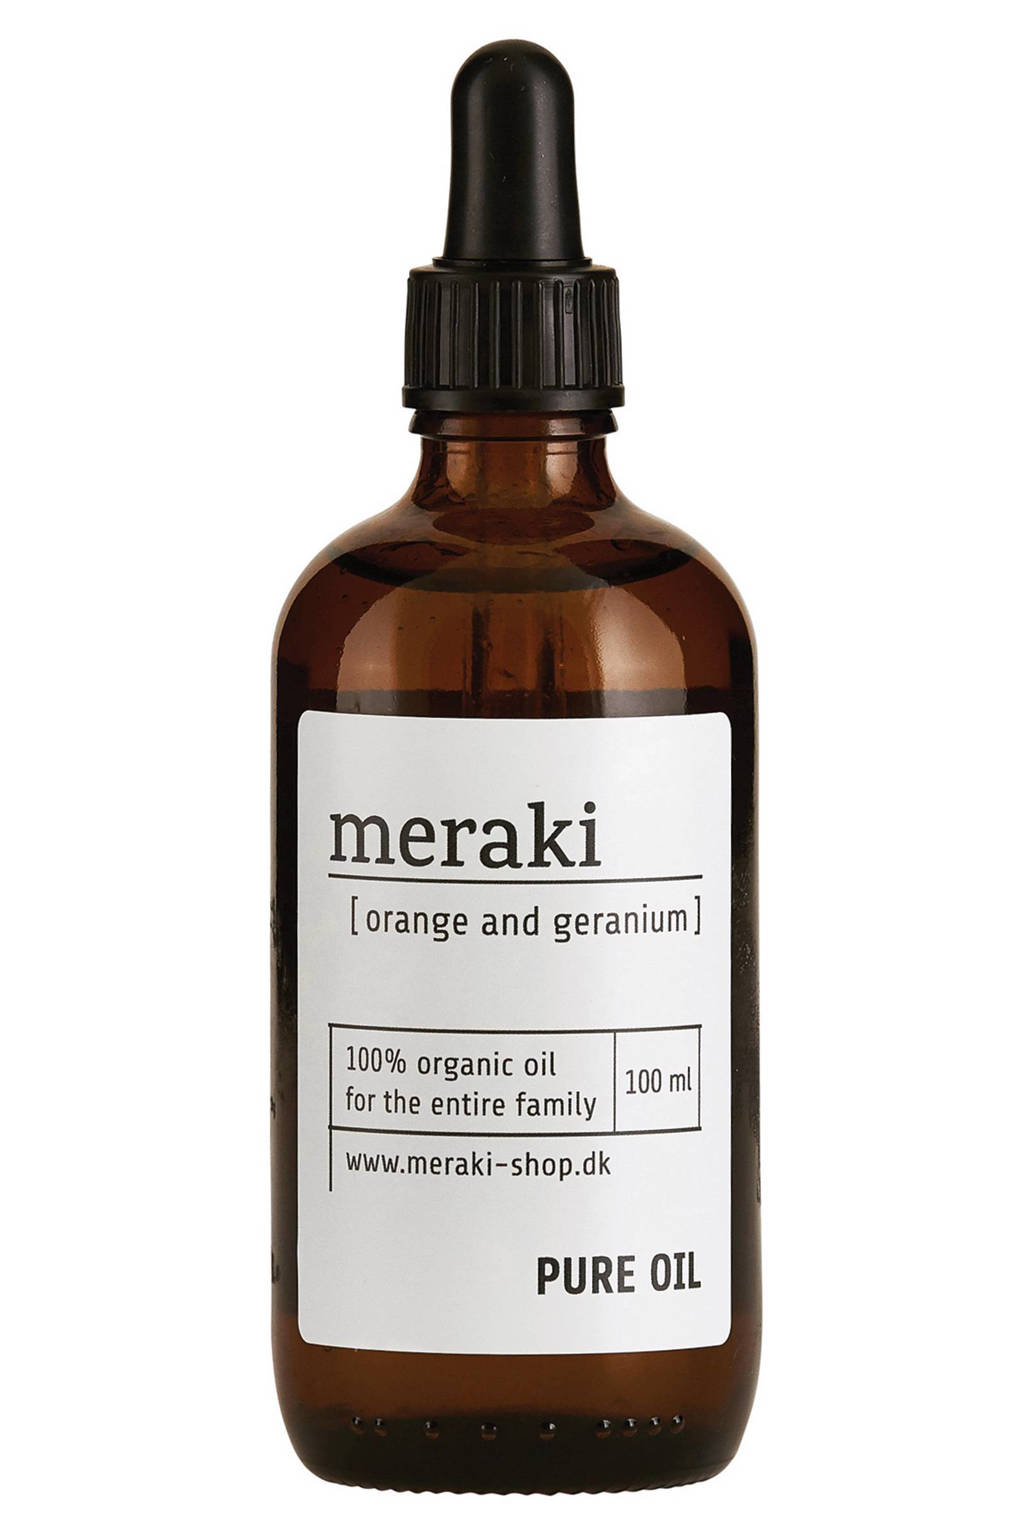 Meraki Pure olie Orange & Geranium - 100 ml